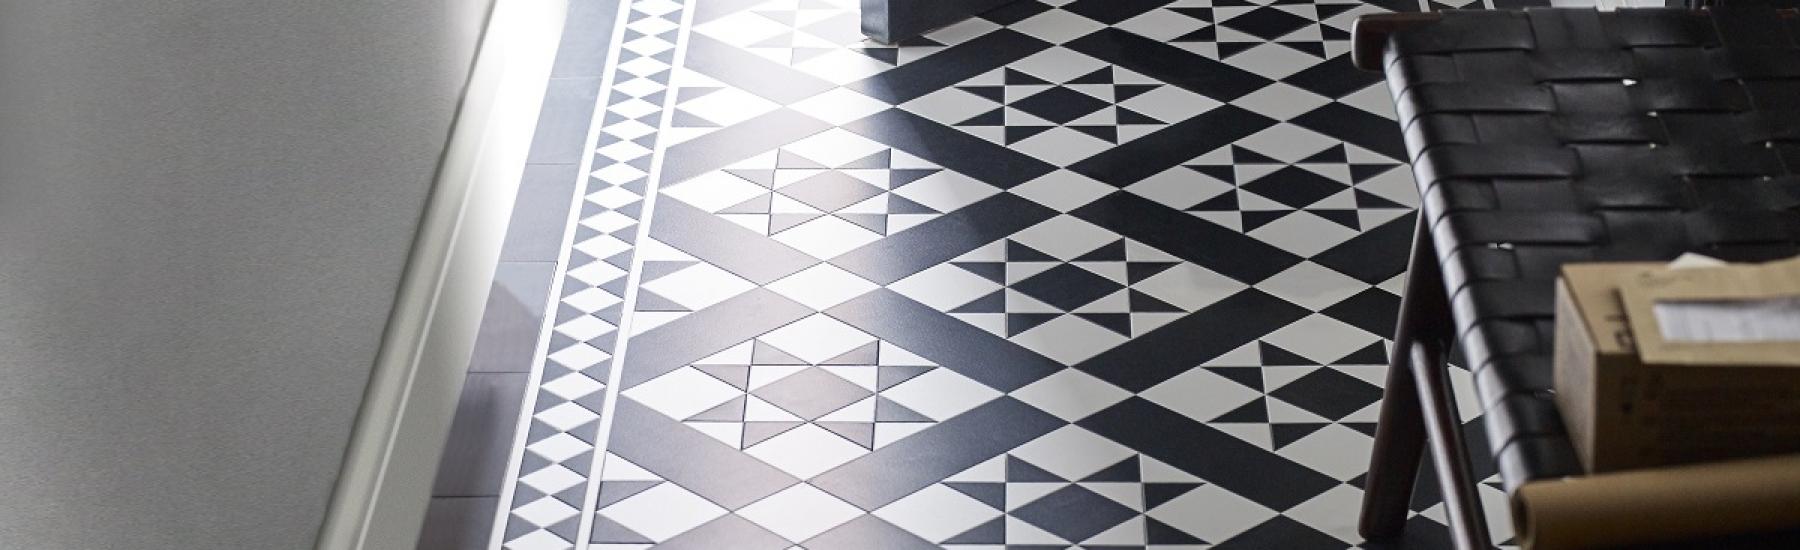 the flooring studio stirling carpets laminates interior design amtico decor corona mono 1